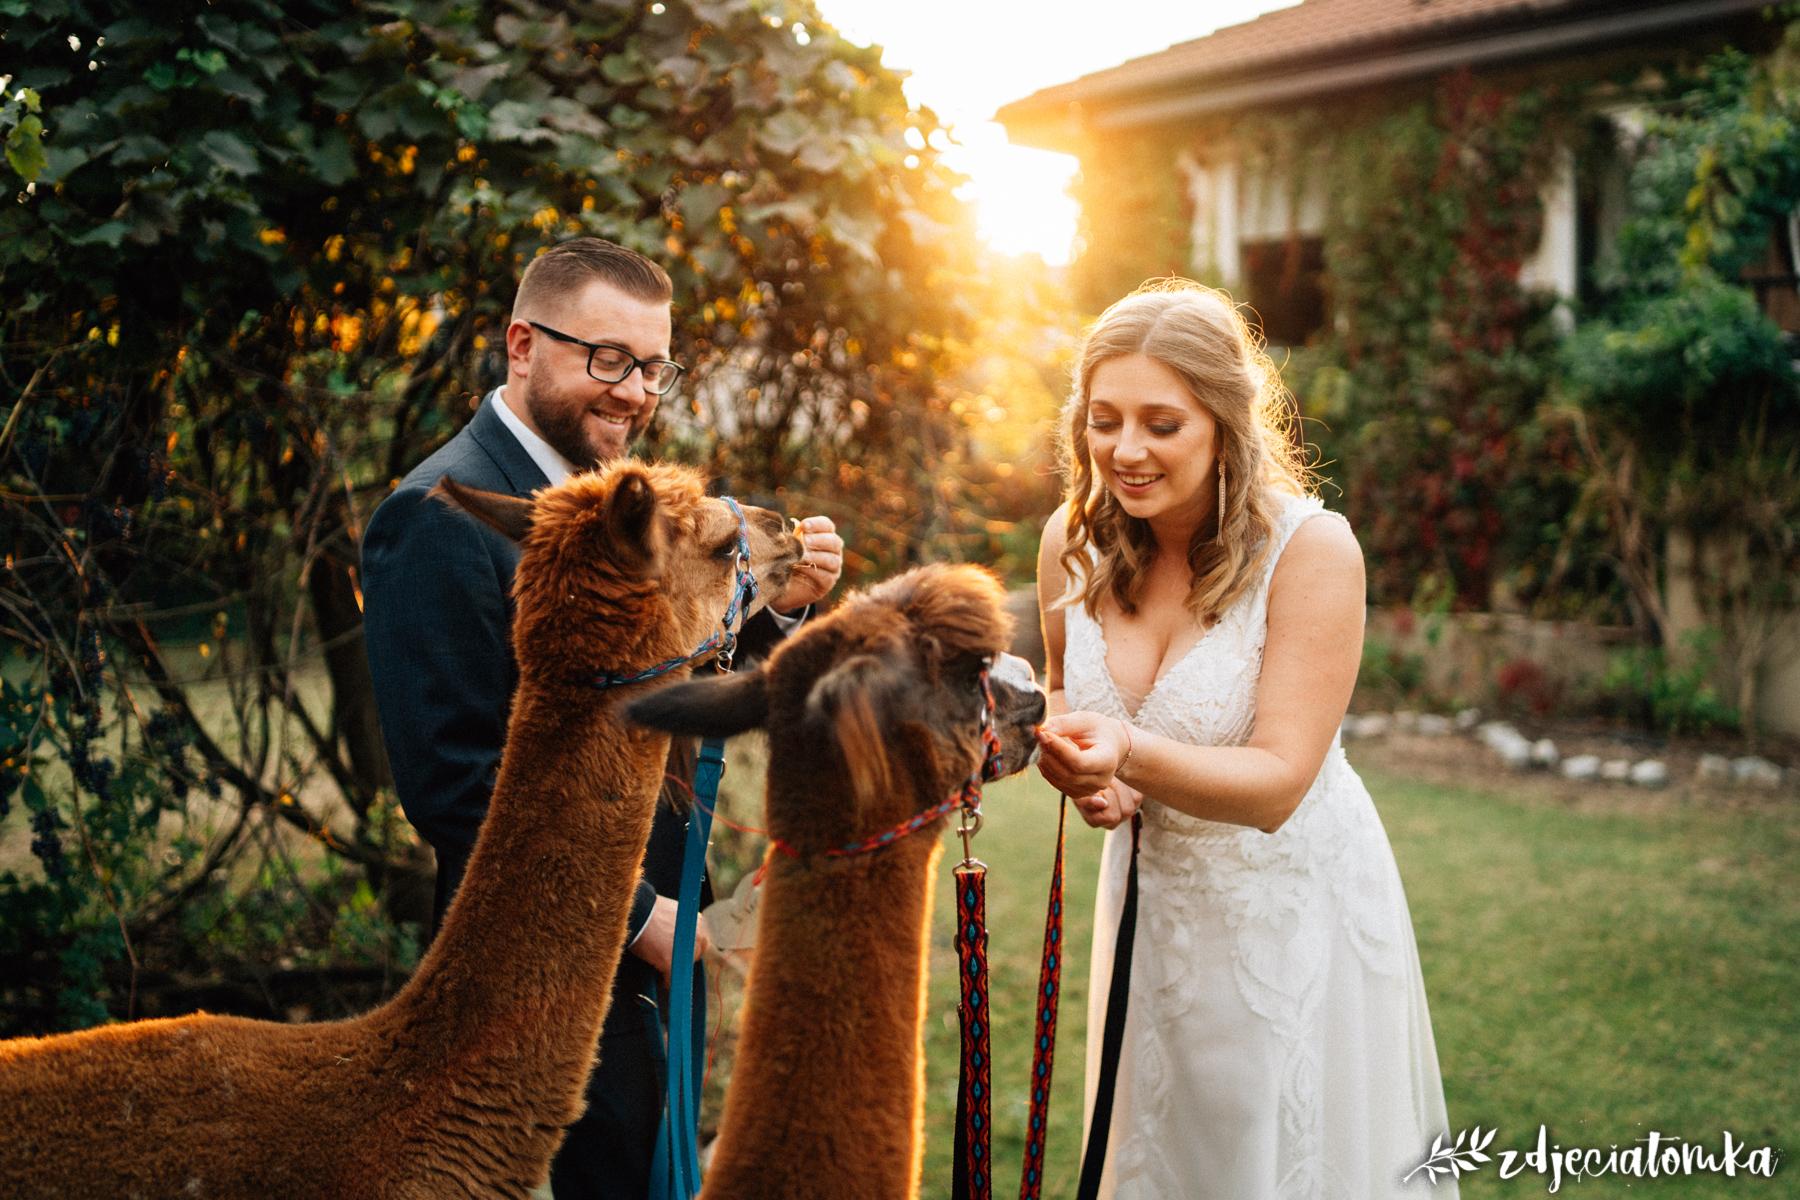 alpaki corazon łomianki pan młody panna młoda sesja plenerowa poślubna bajeczna sesja ślubna z alpakami zachód słońca golden hour złota godzina